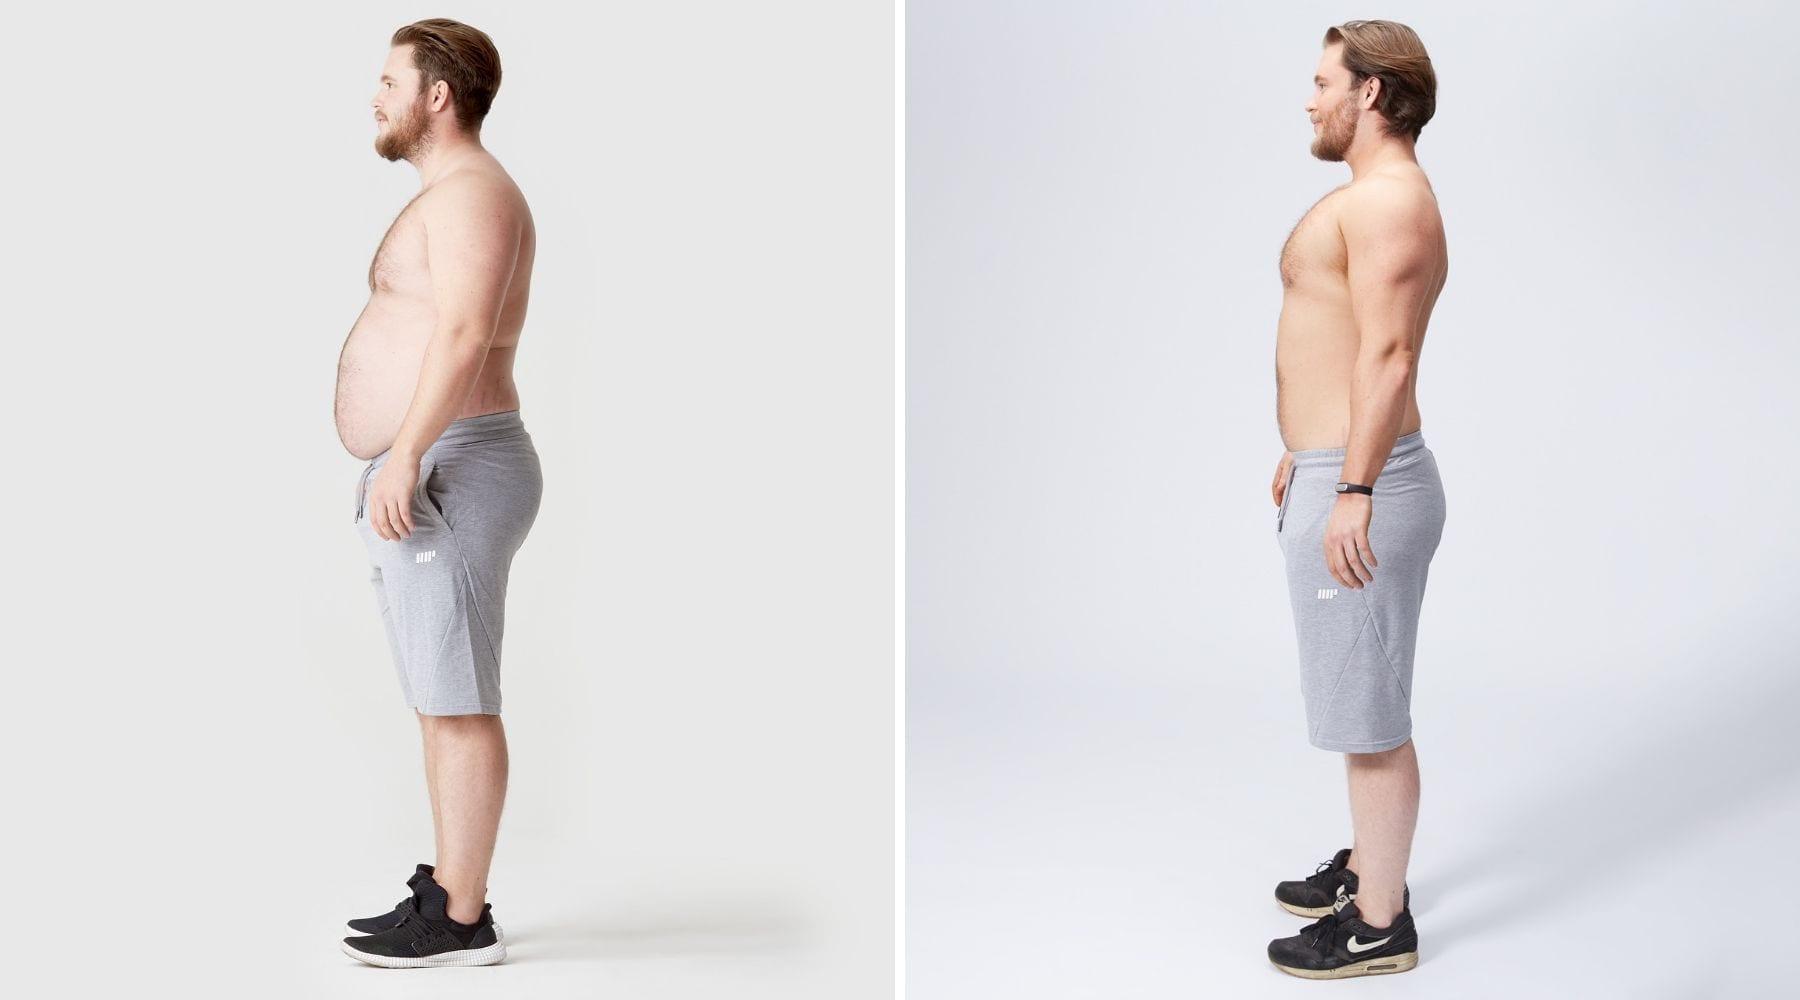 Valget om vægttab og plantebaseret livsstil | Joshs fitness rejse